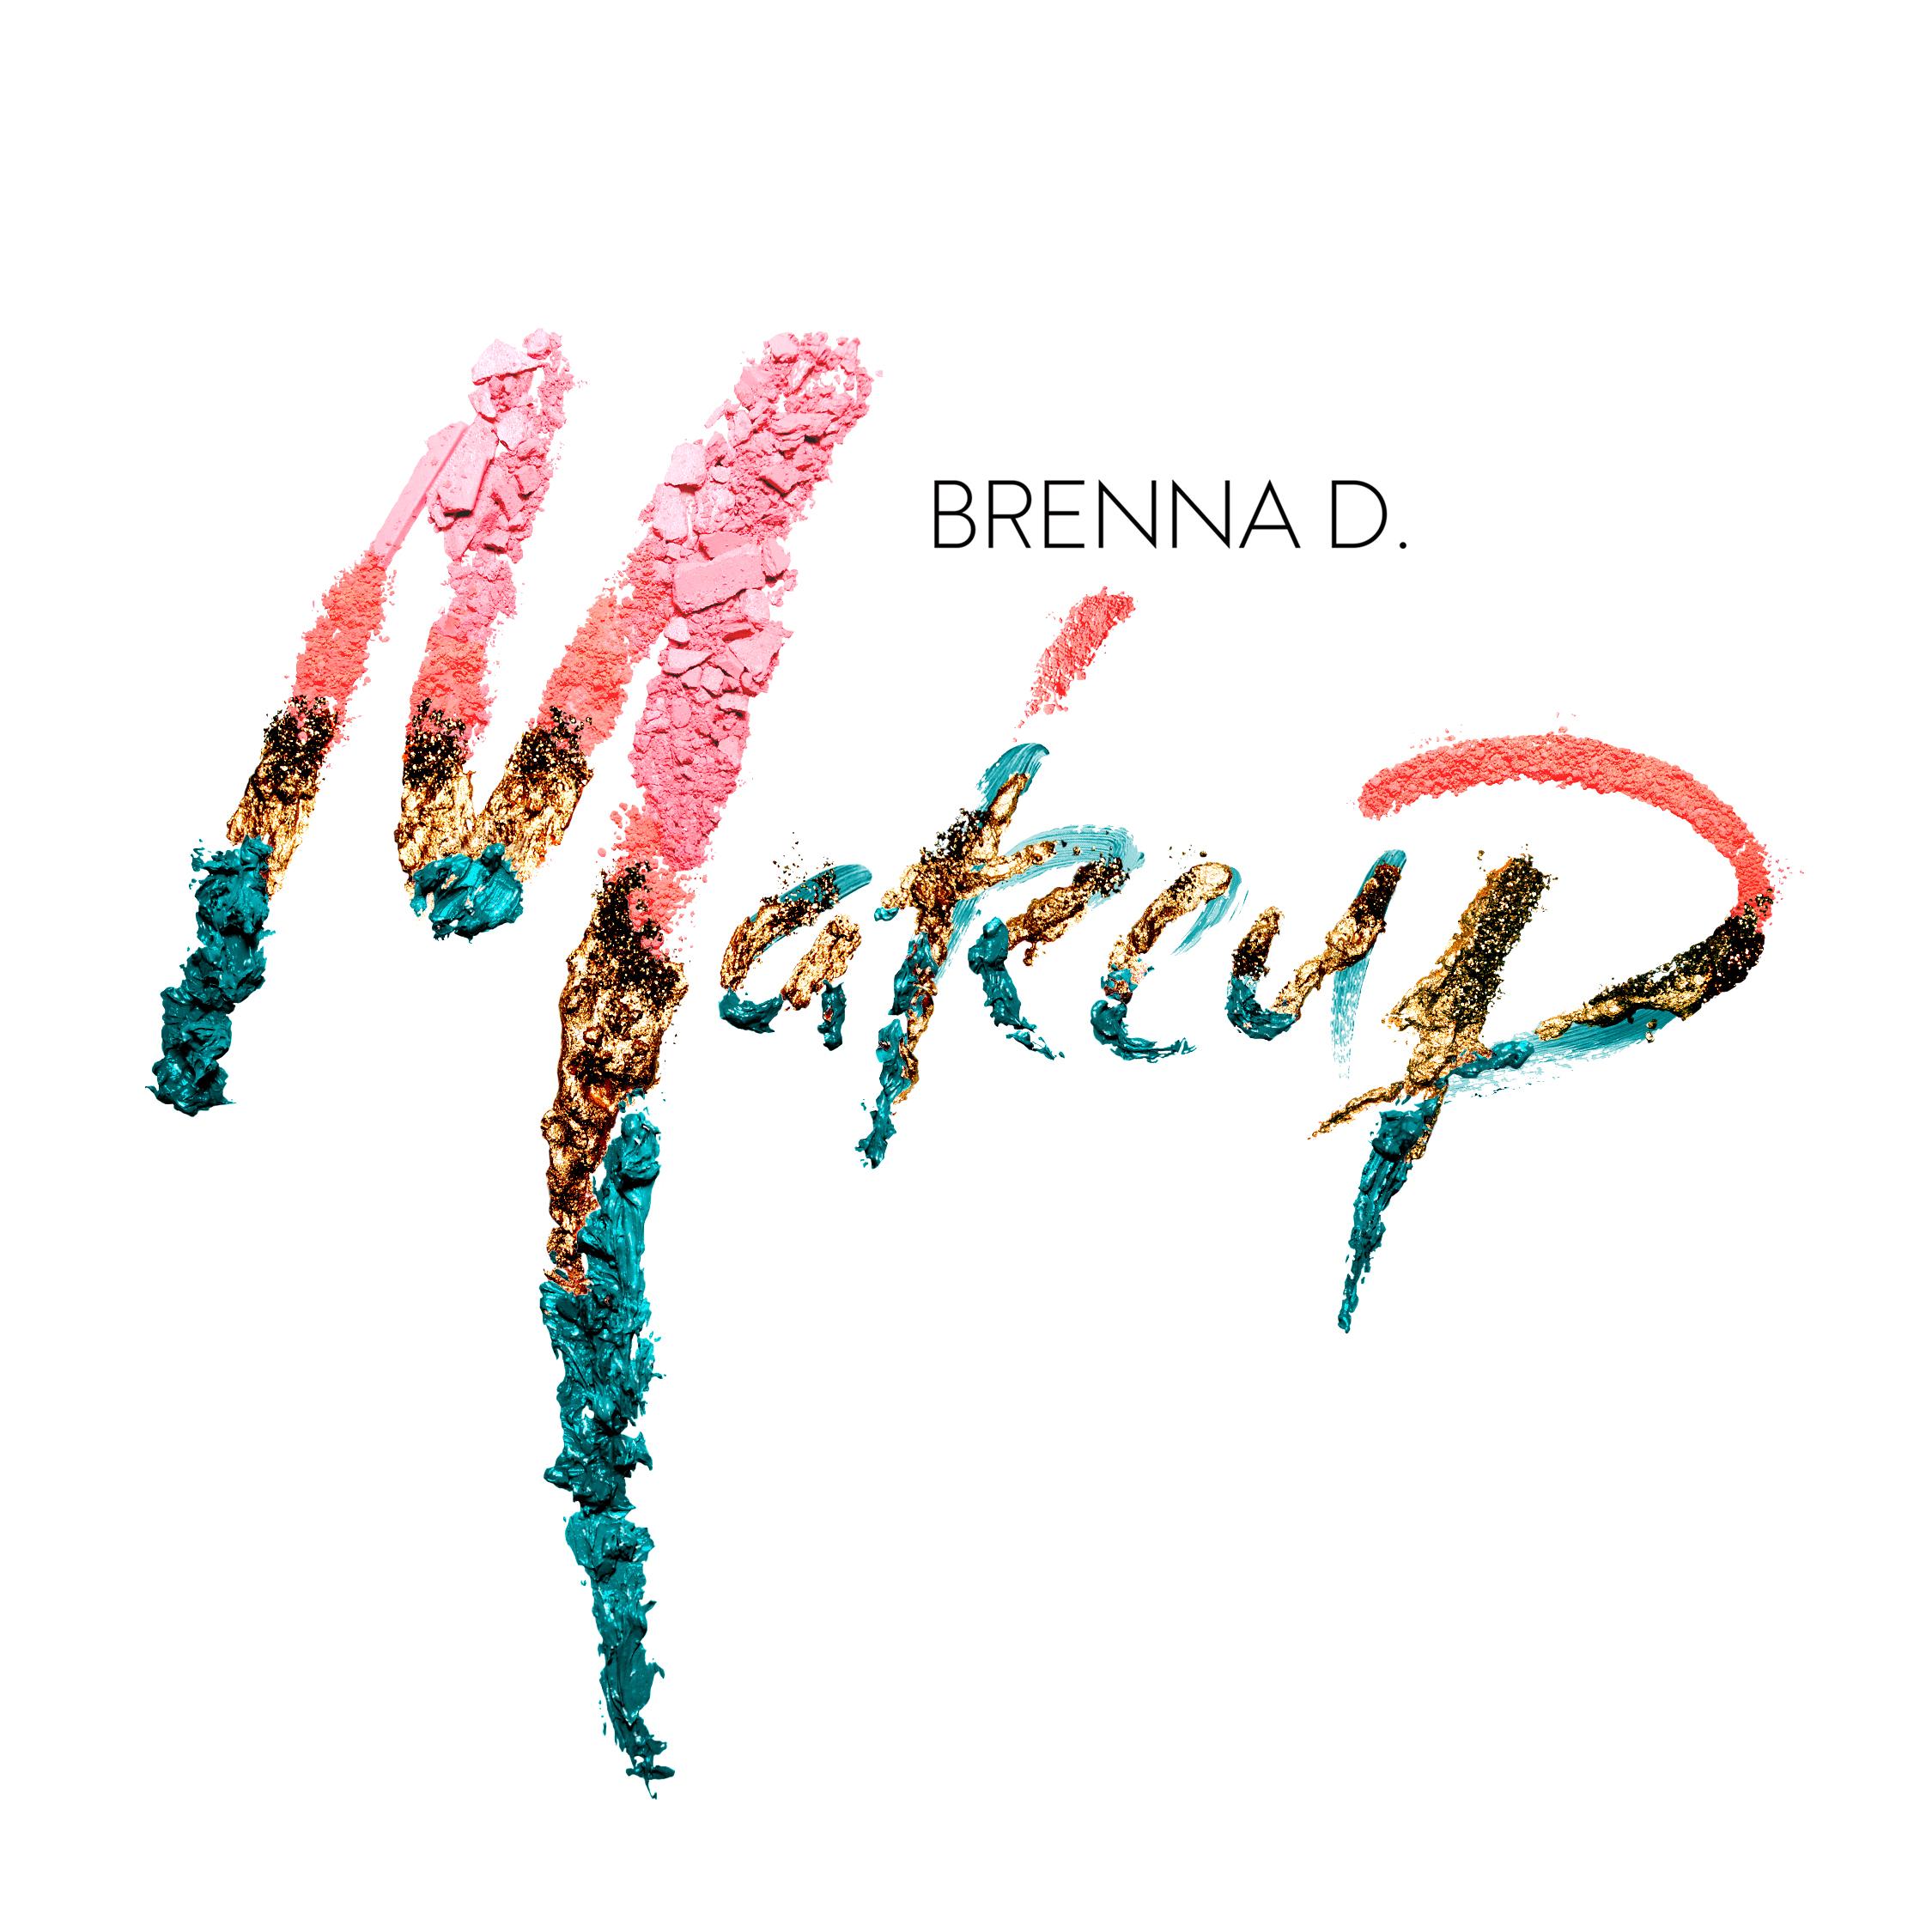 BRENNA D. MAKEUP_COLOR.jpg